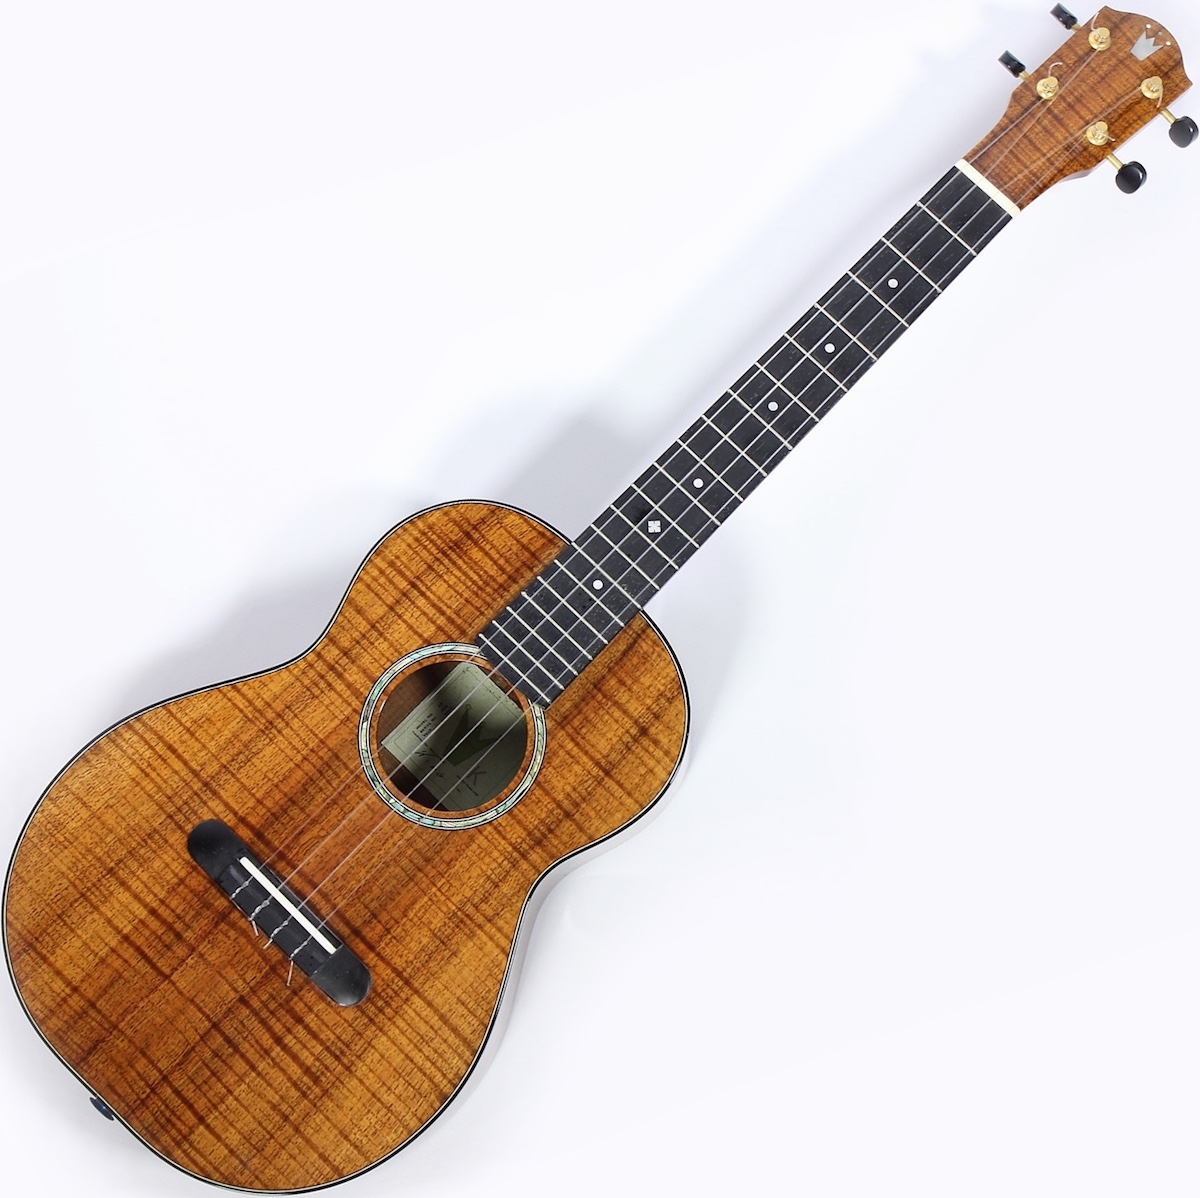 2007 William King Tenor Koa ukulele